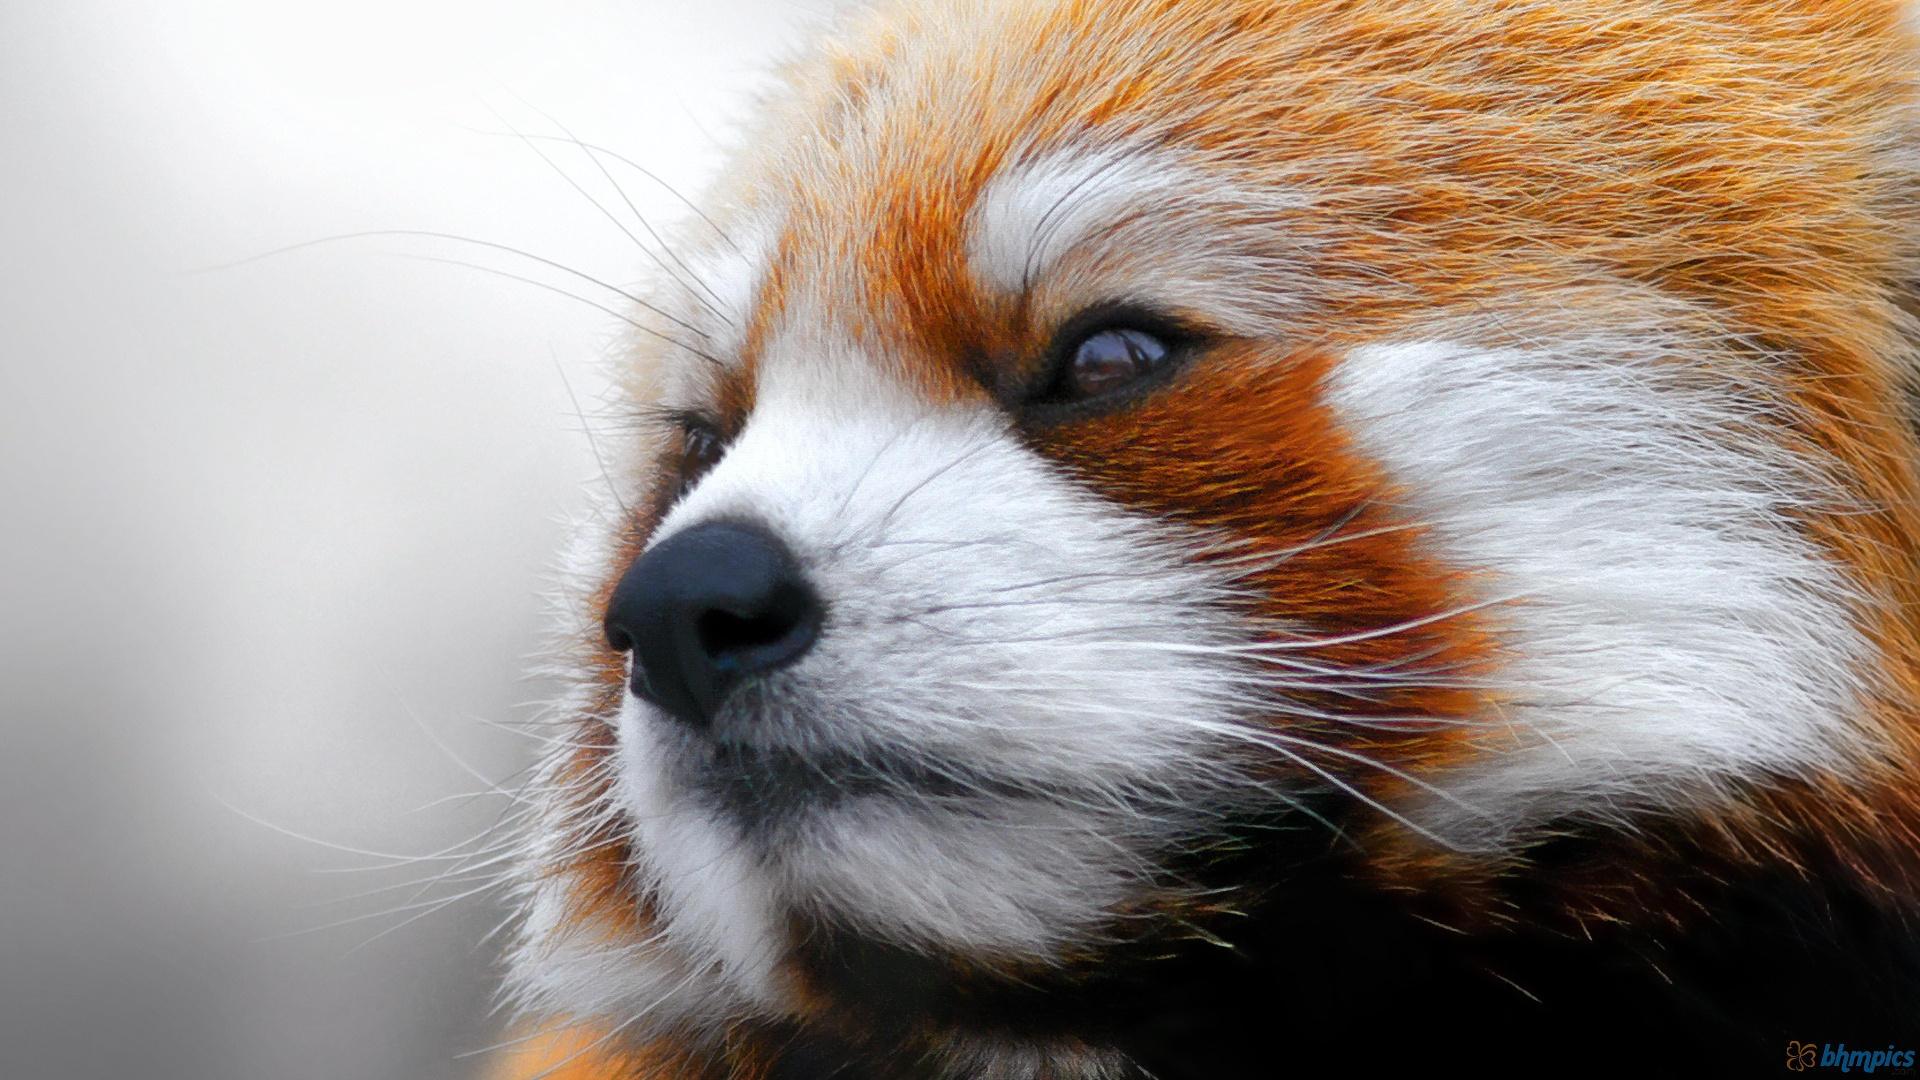 Finalement, Mozilla s'en sort mieux sans Google mais ses parts de marché restent très faibles